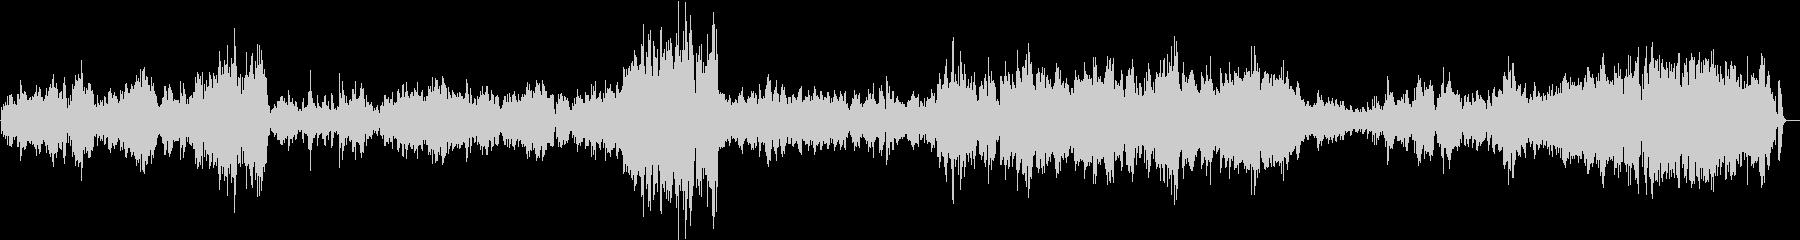 【生演奏】カッコいいバイオリンソナタ4章の未再生の波形